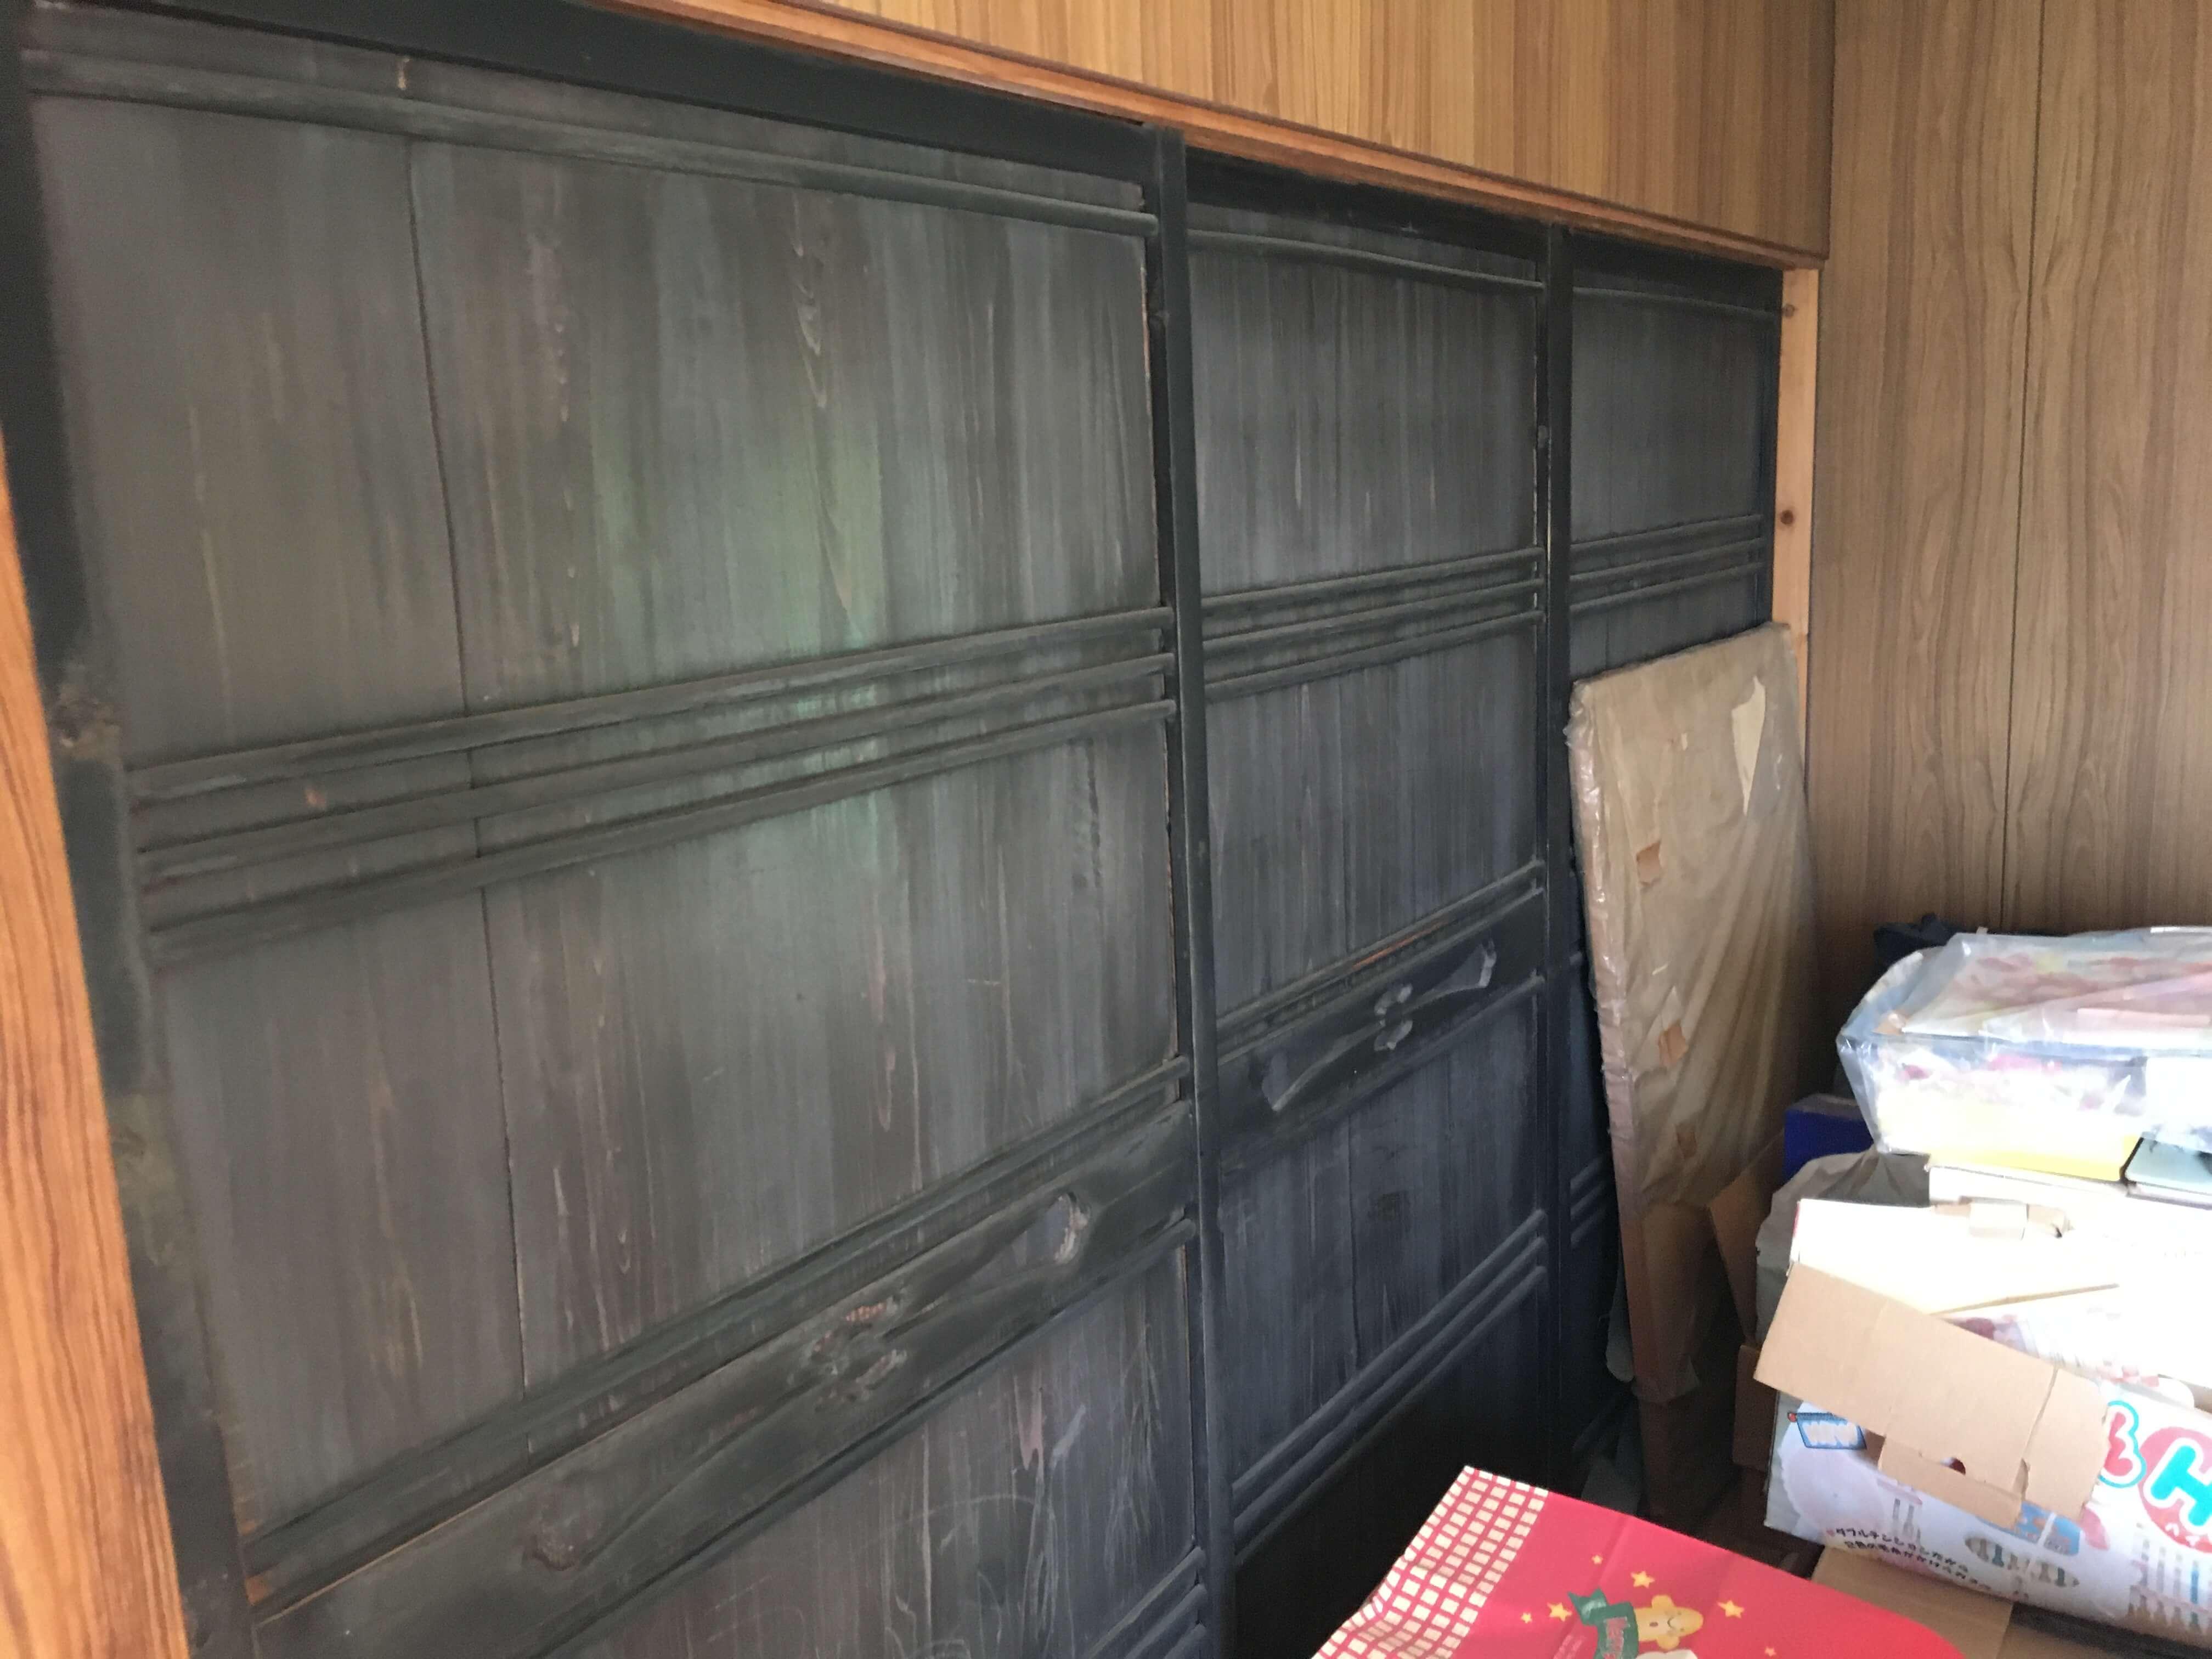 二階のお部屋は、動かない建具でお部屋が仕切ってあり、使い勝手が悪い空間でした。